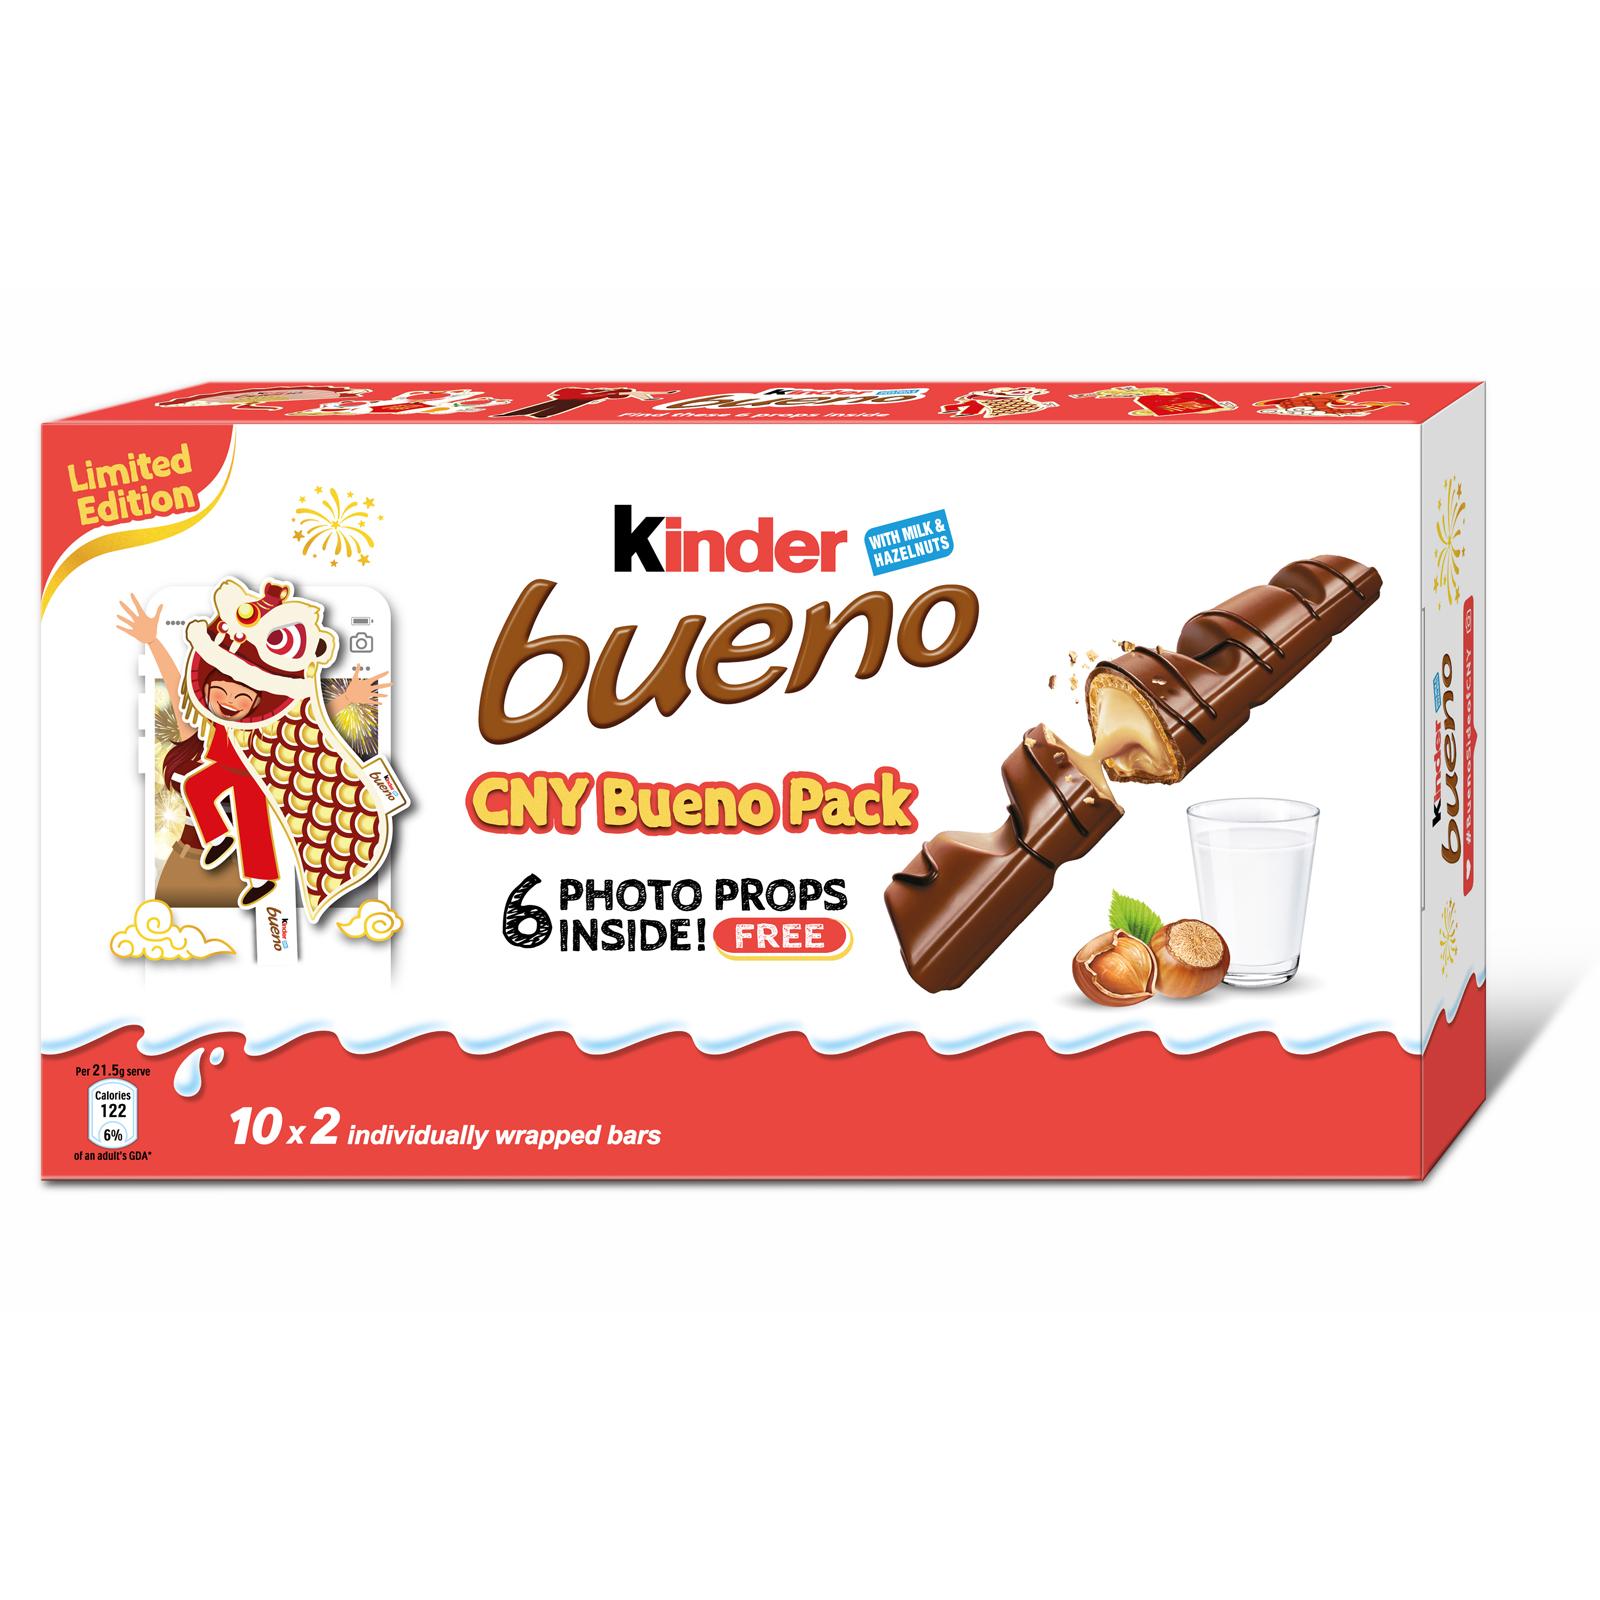 KINDER Bueno Chocolates